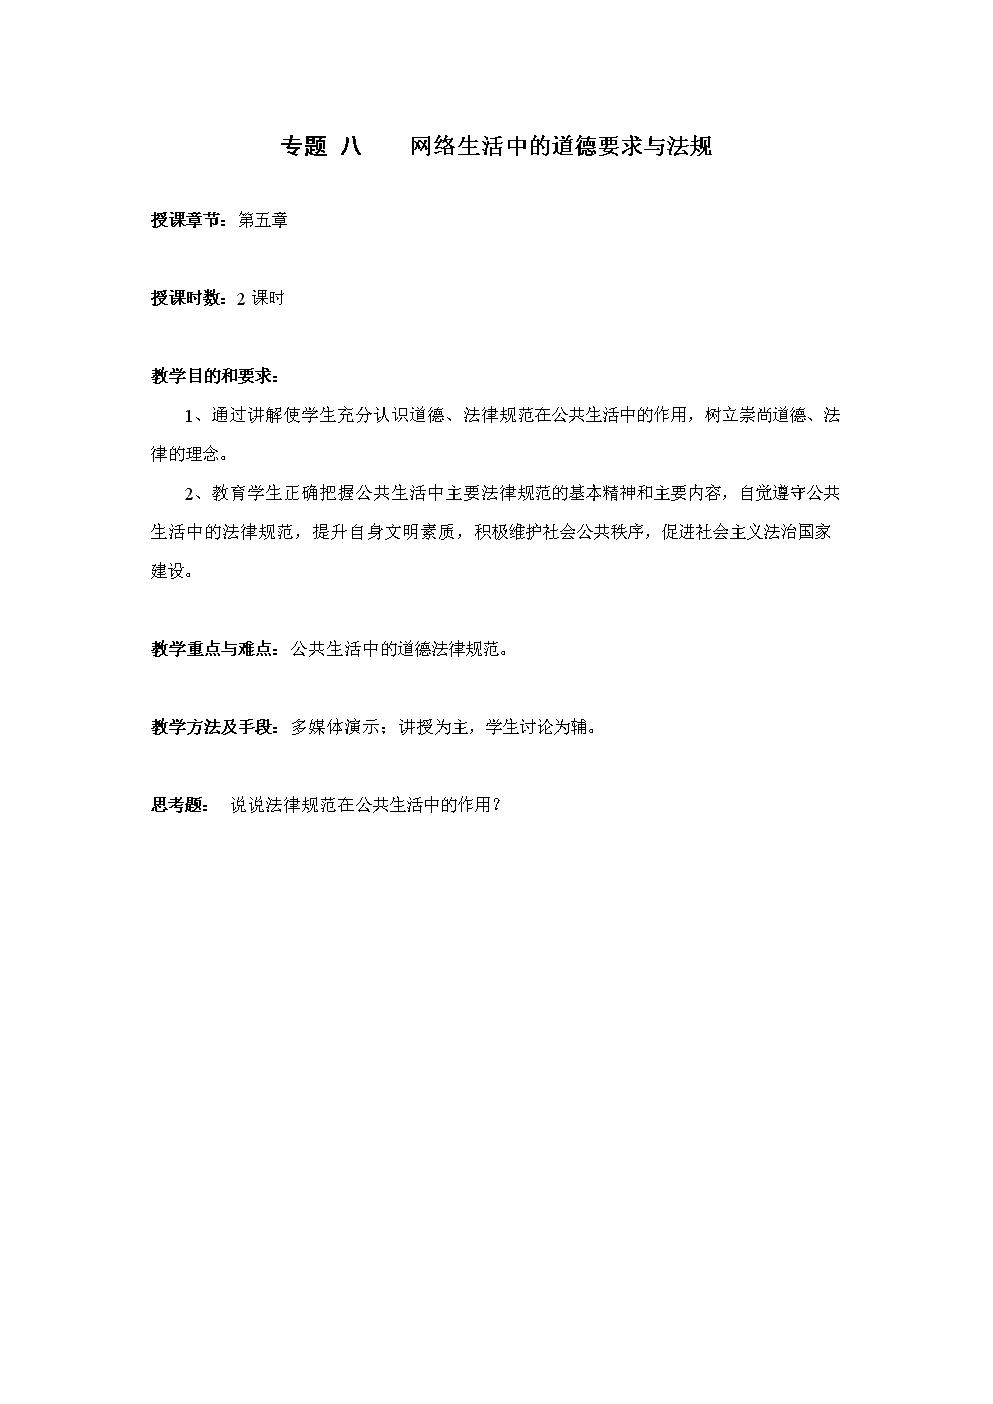 专题     网络生活中的道德要求.doc